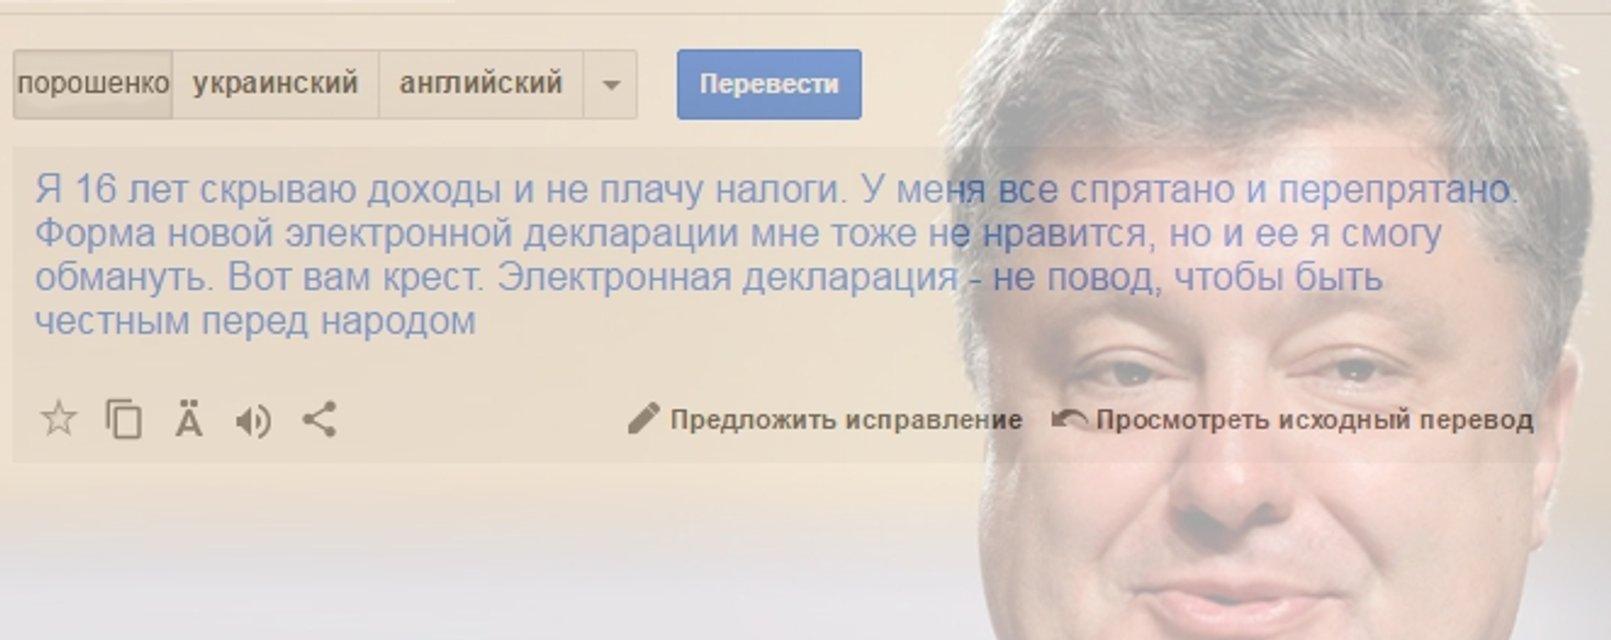 Впервые на экранах – честный президент Петр Порошенко - фото 18564